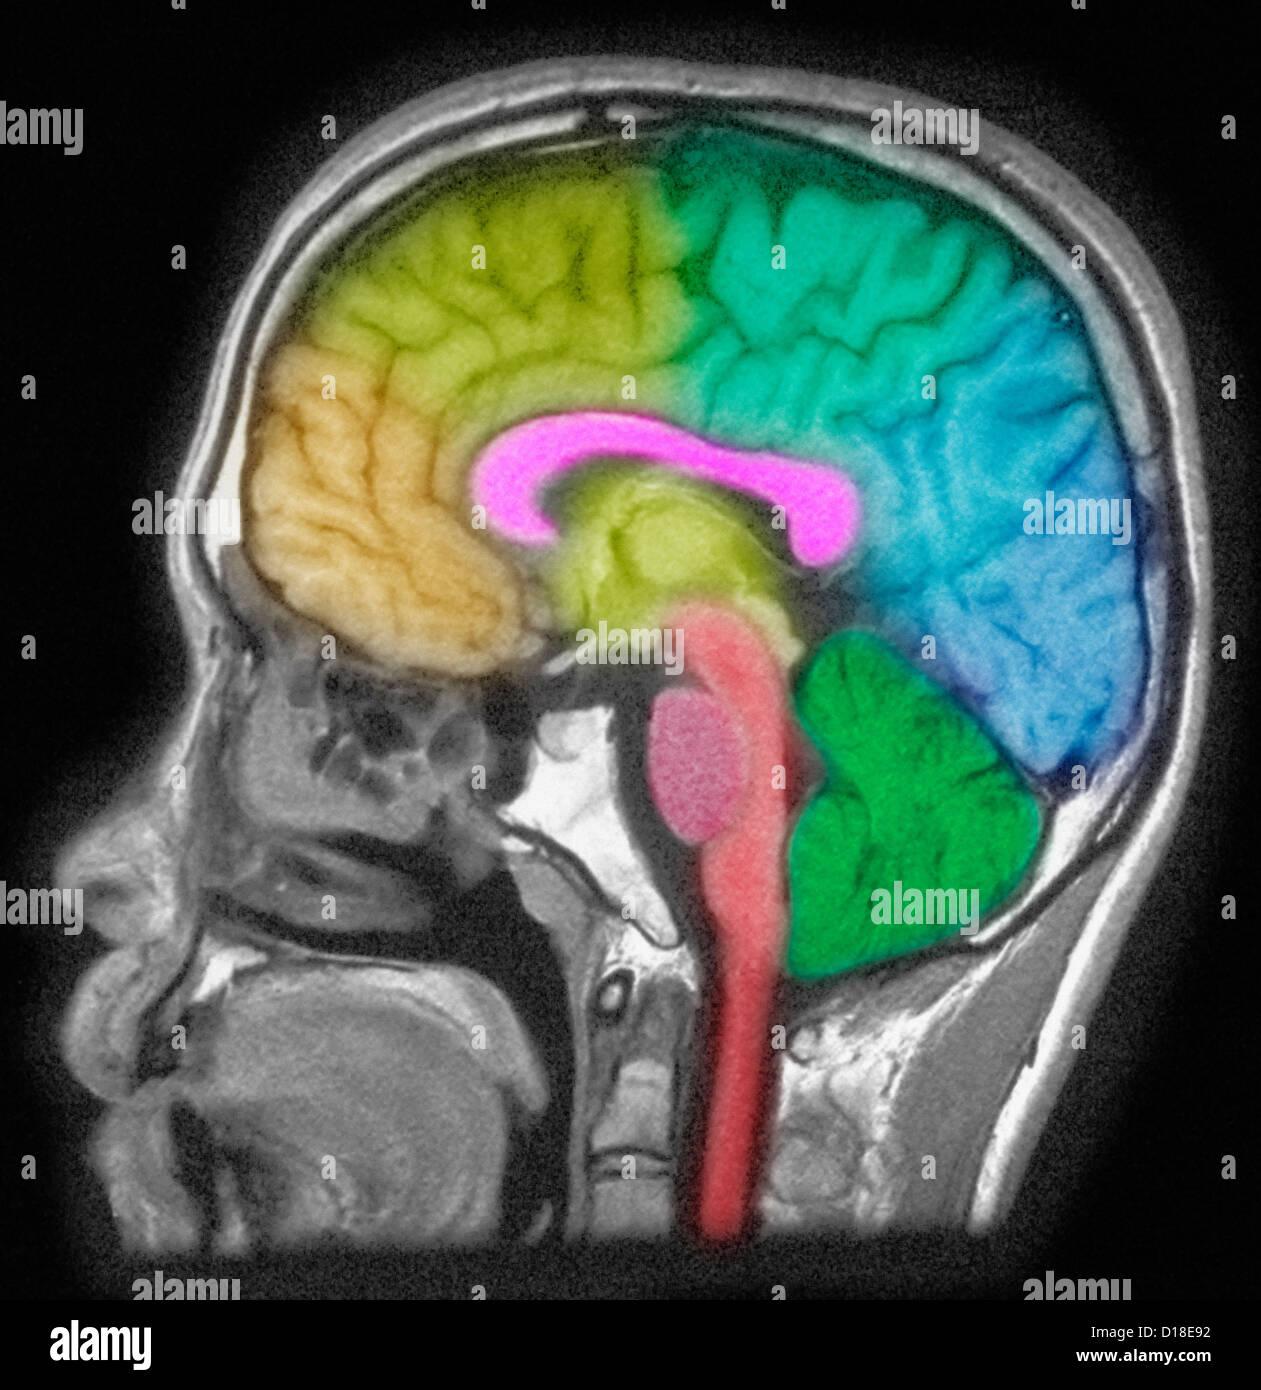 MRI des Kopfes zeigt Hirnstrukturen Stockfoto, Bild: 52432606 - Alamy